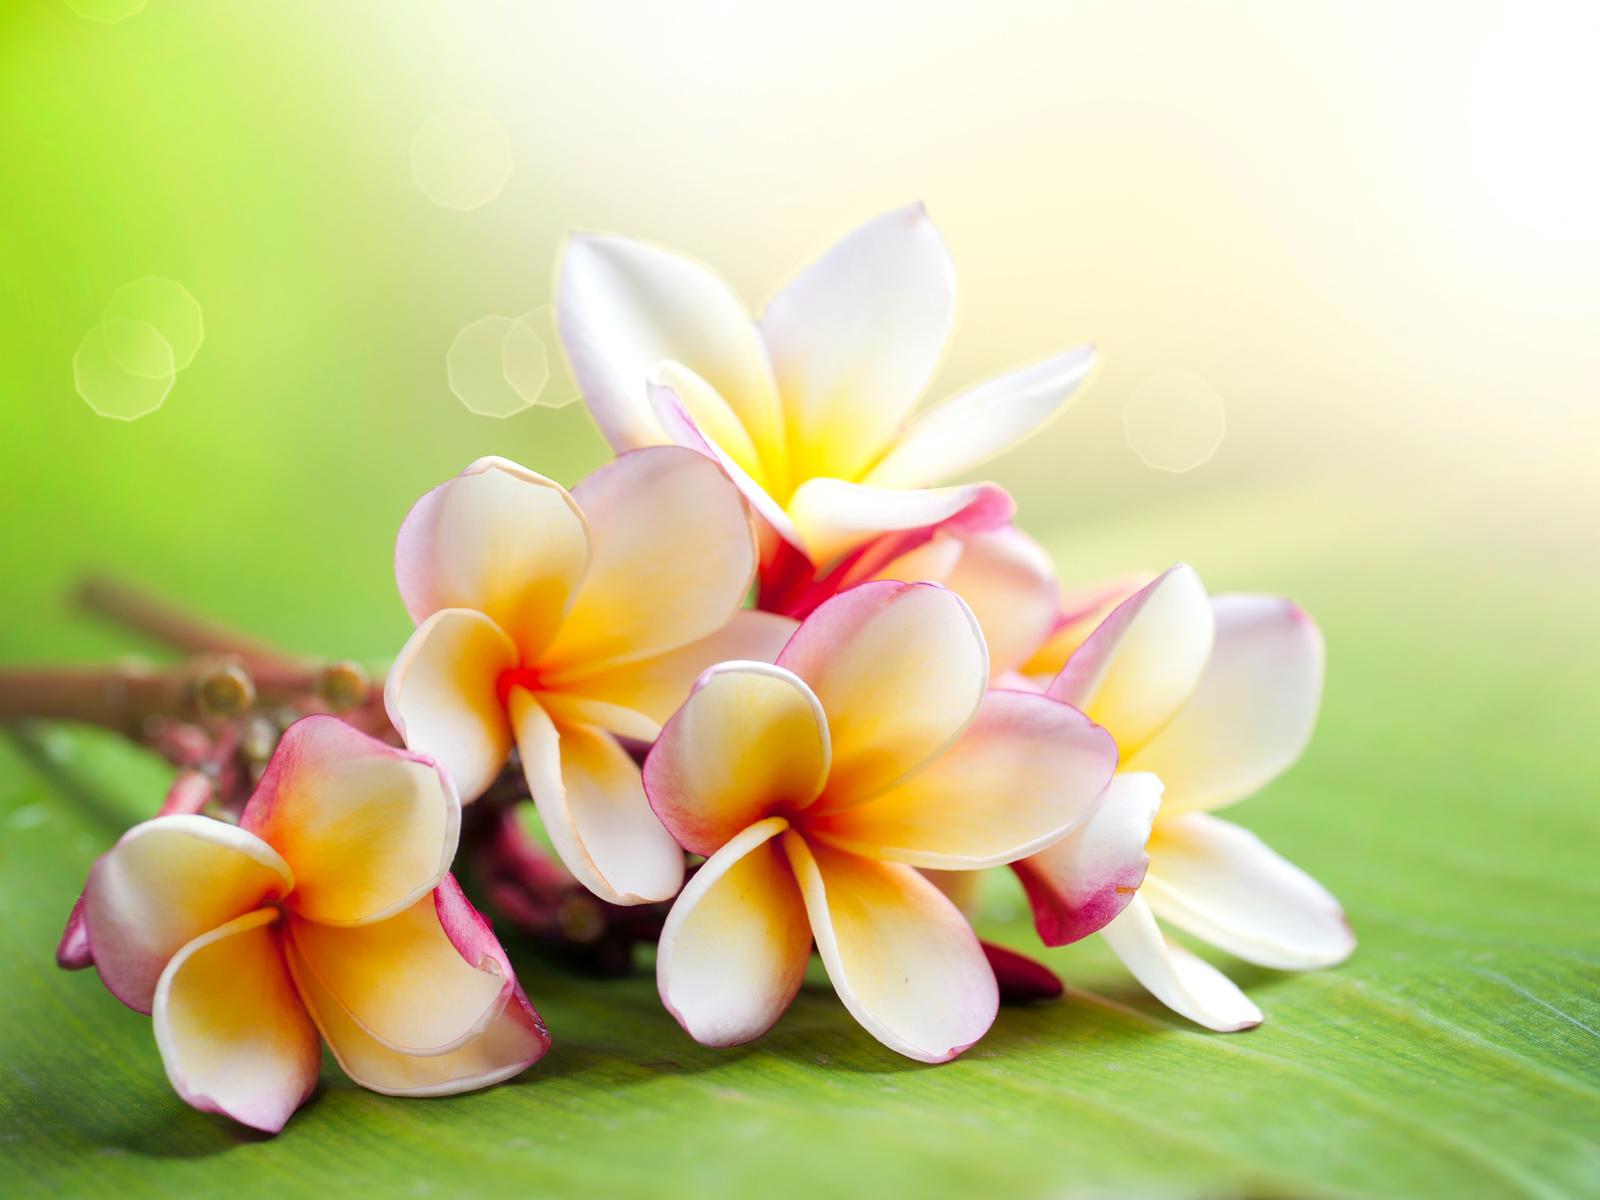 Tropical Flowers Wallpaper Wallpapersafari